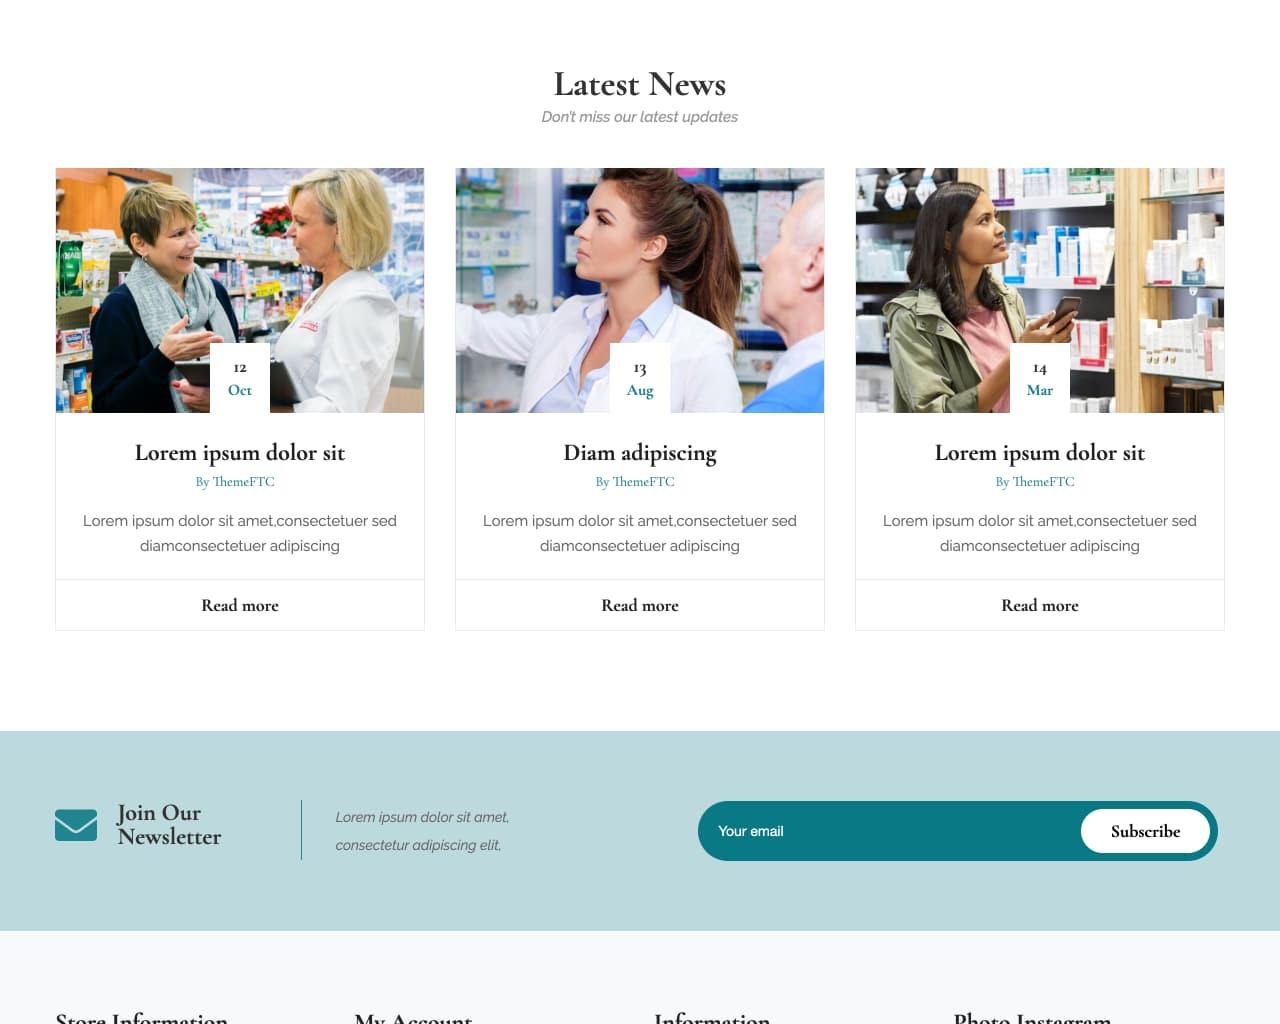 Website tiệm thuốc - cửa hàng dược phẩm-3